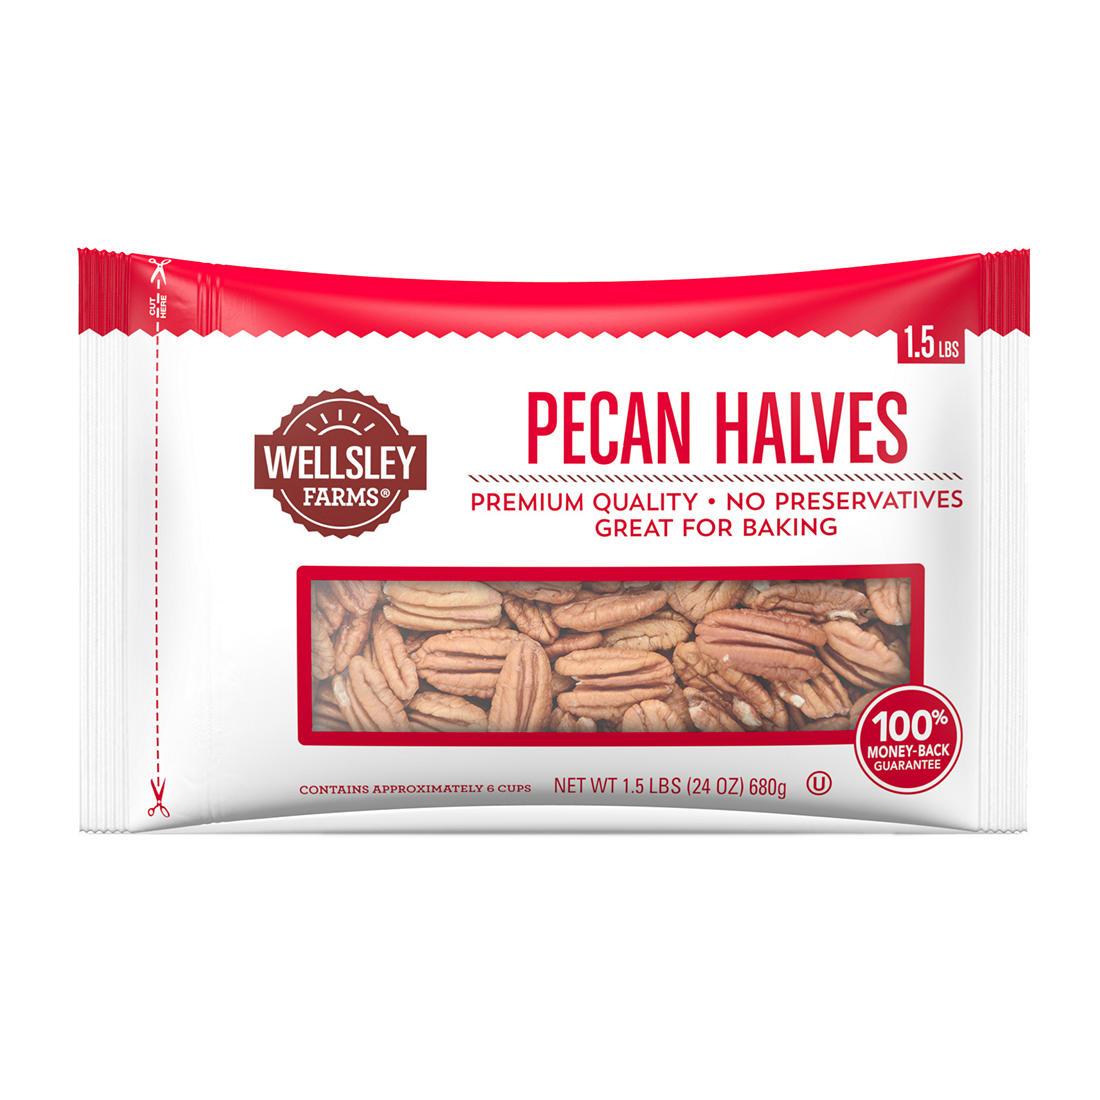 Pecan Halves, 24 oz. - BJs WholeSale Club